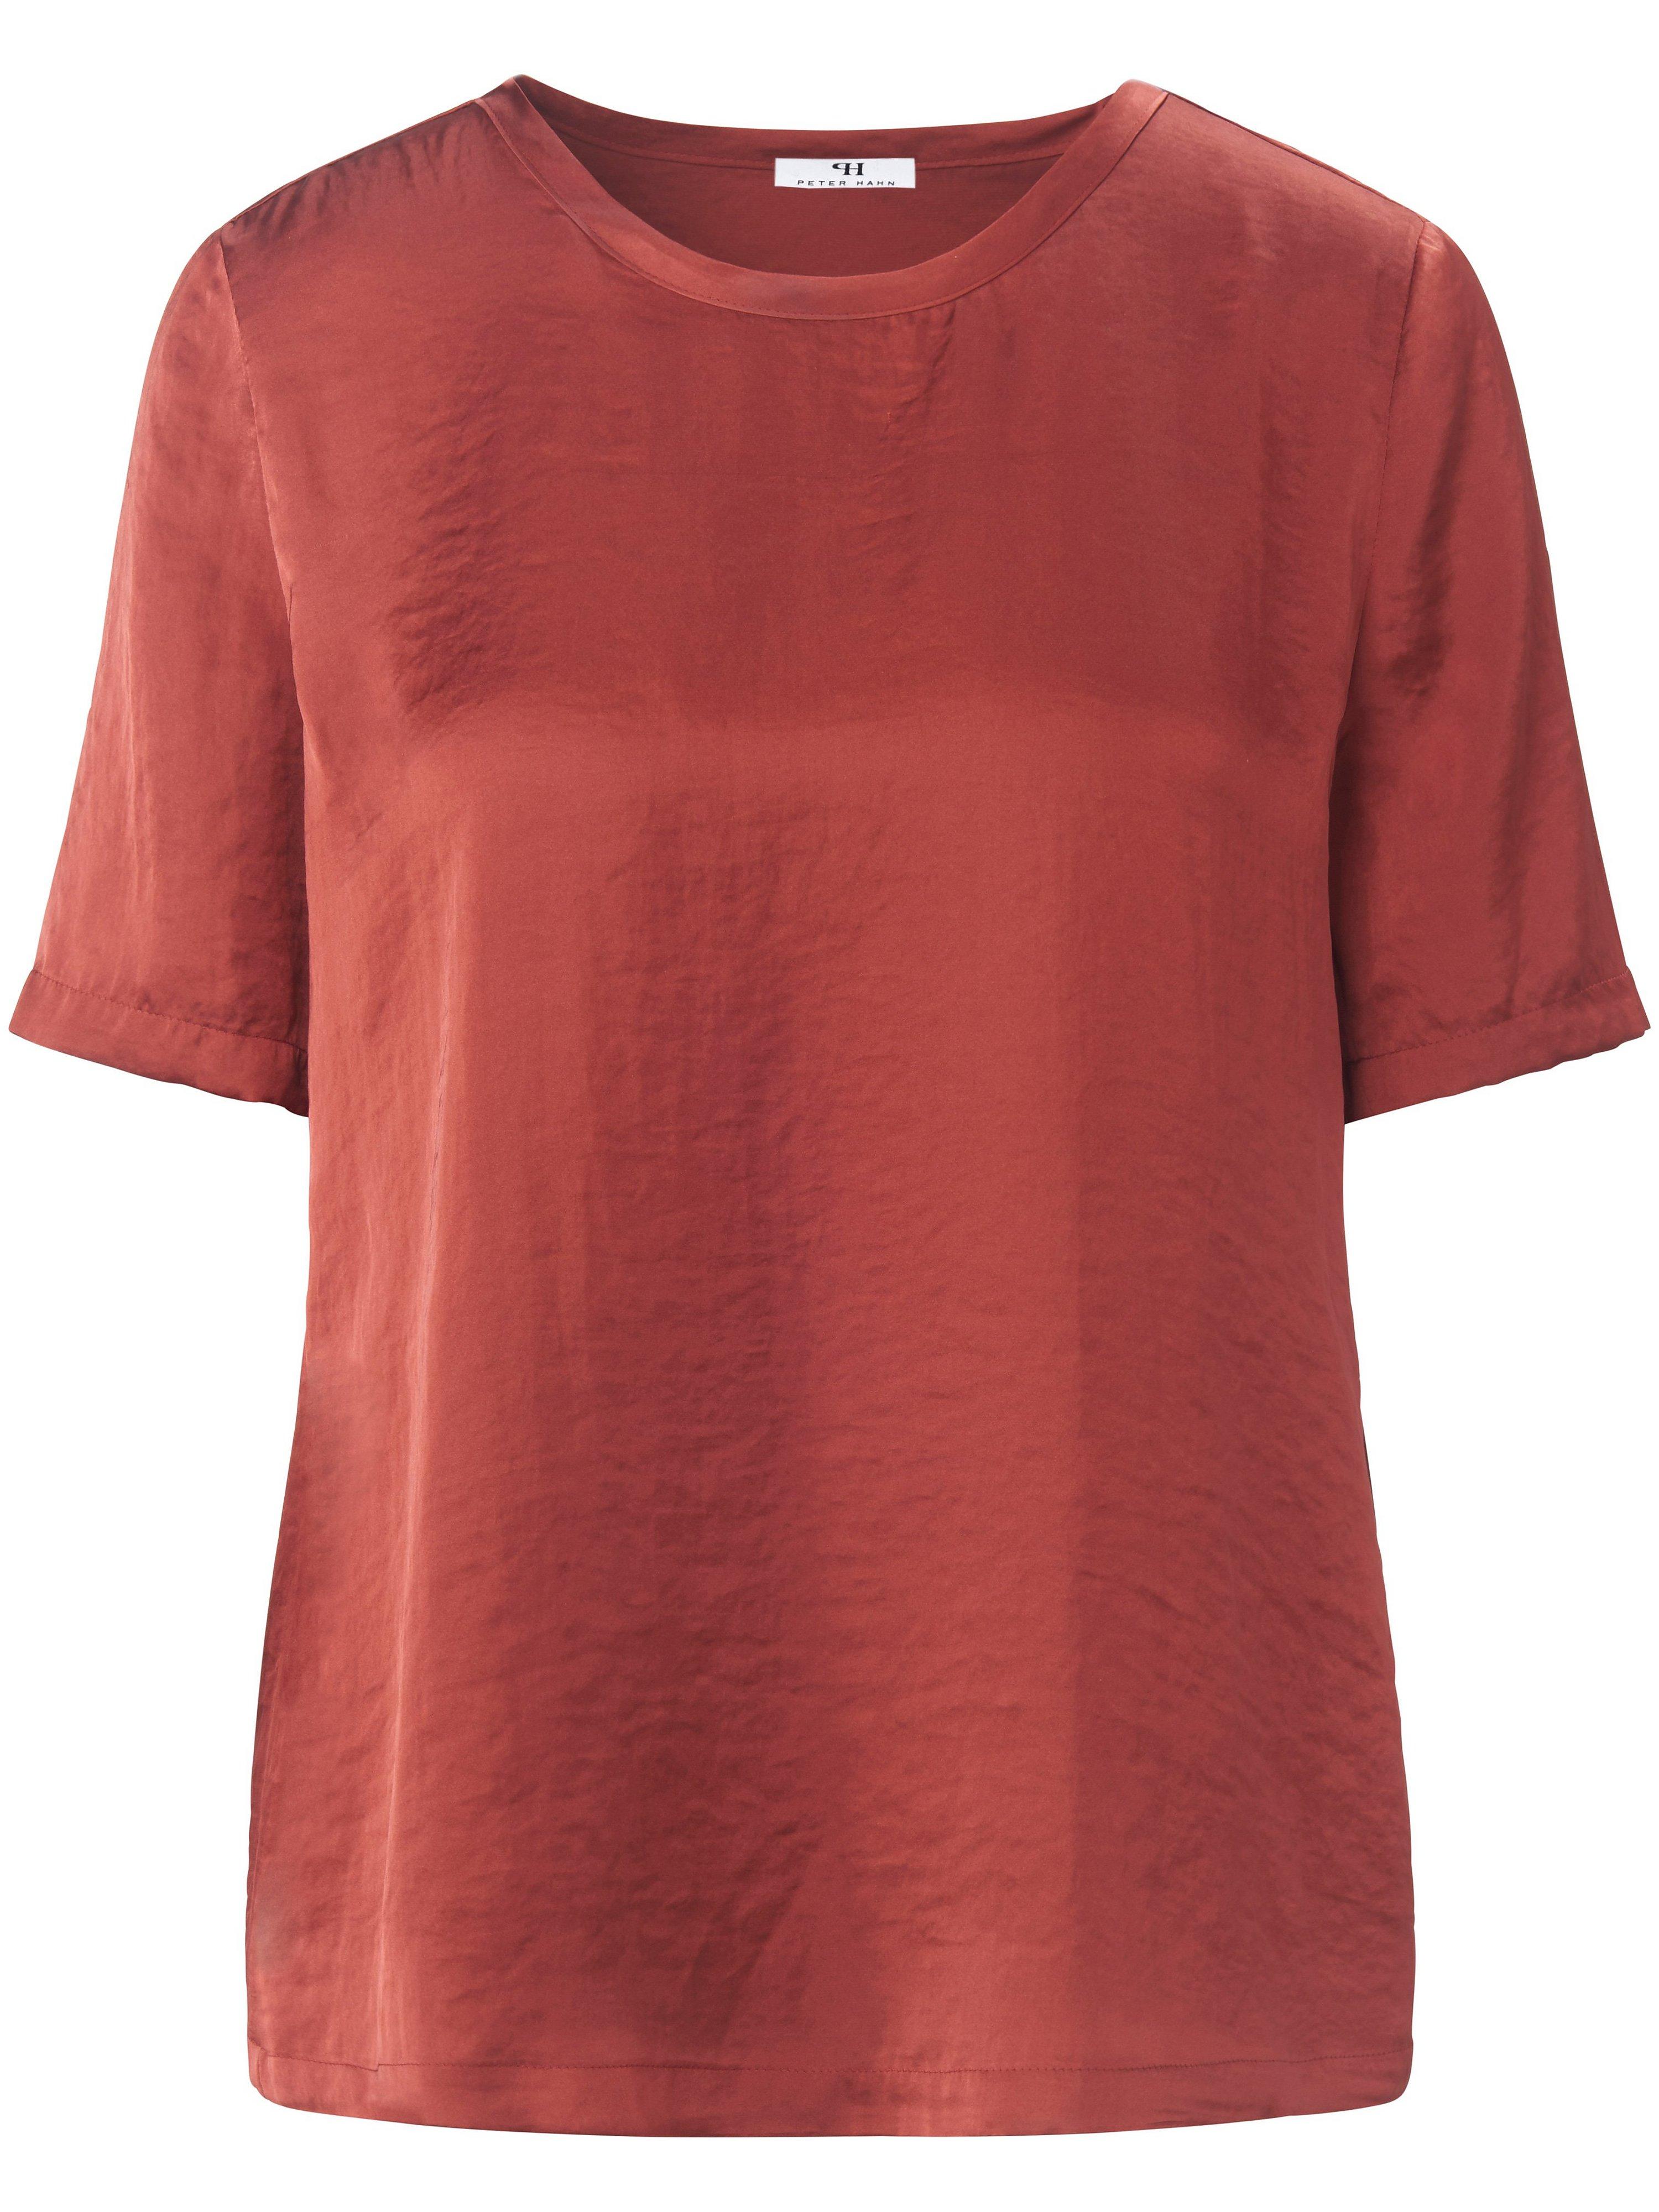 Shirt korte mouwen Van portray berlin oranje